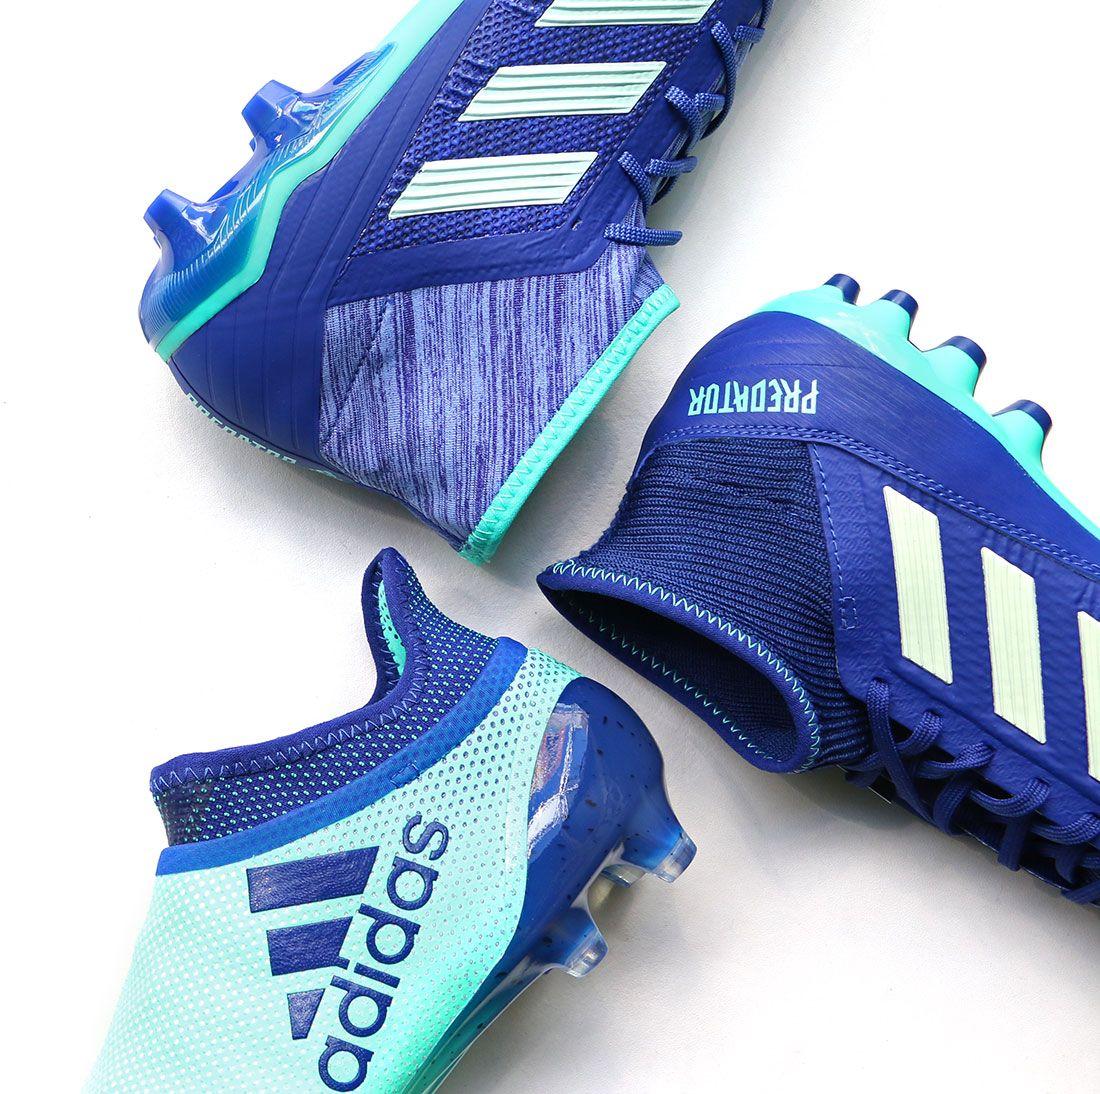 724bbb656e4 Botas de fútbol adidas Deadly Strike con tobillera. Foto: Marcela  Sansalvador para futbolmania.com #adidas #deadlystrike #futbolmania # marcelasansalvador